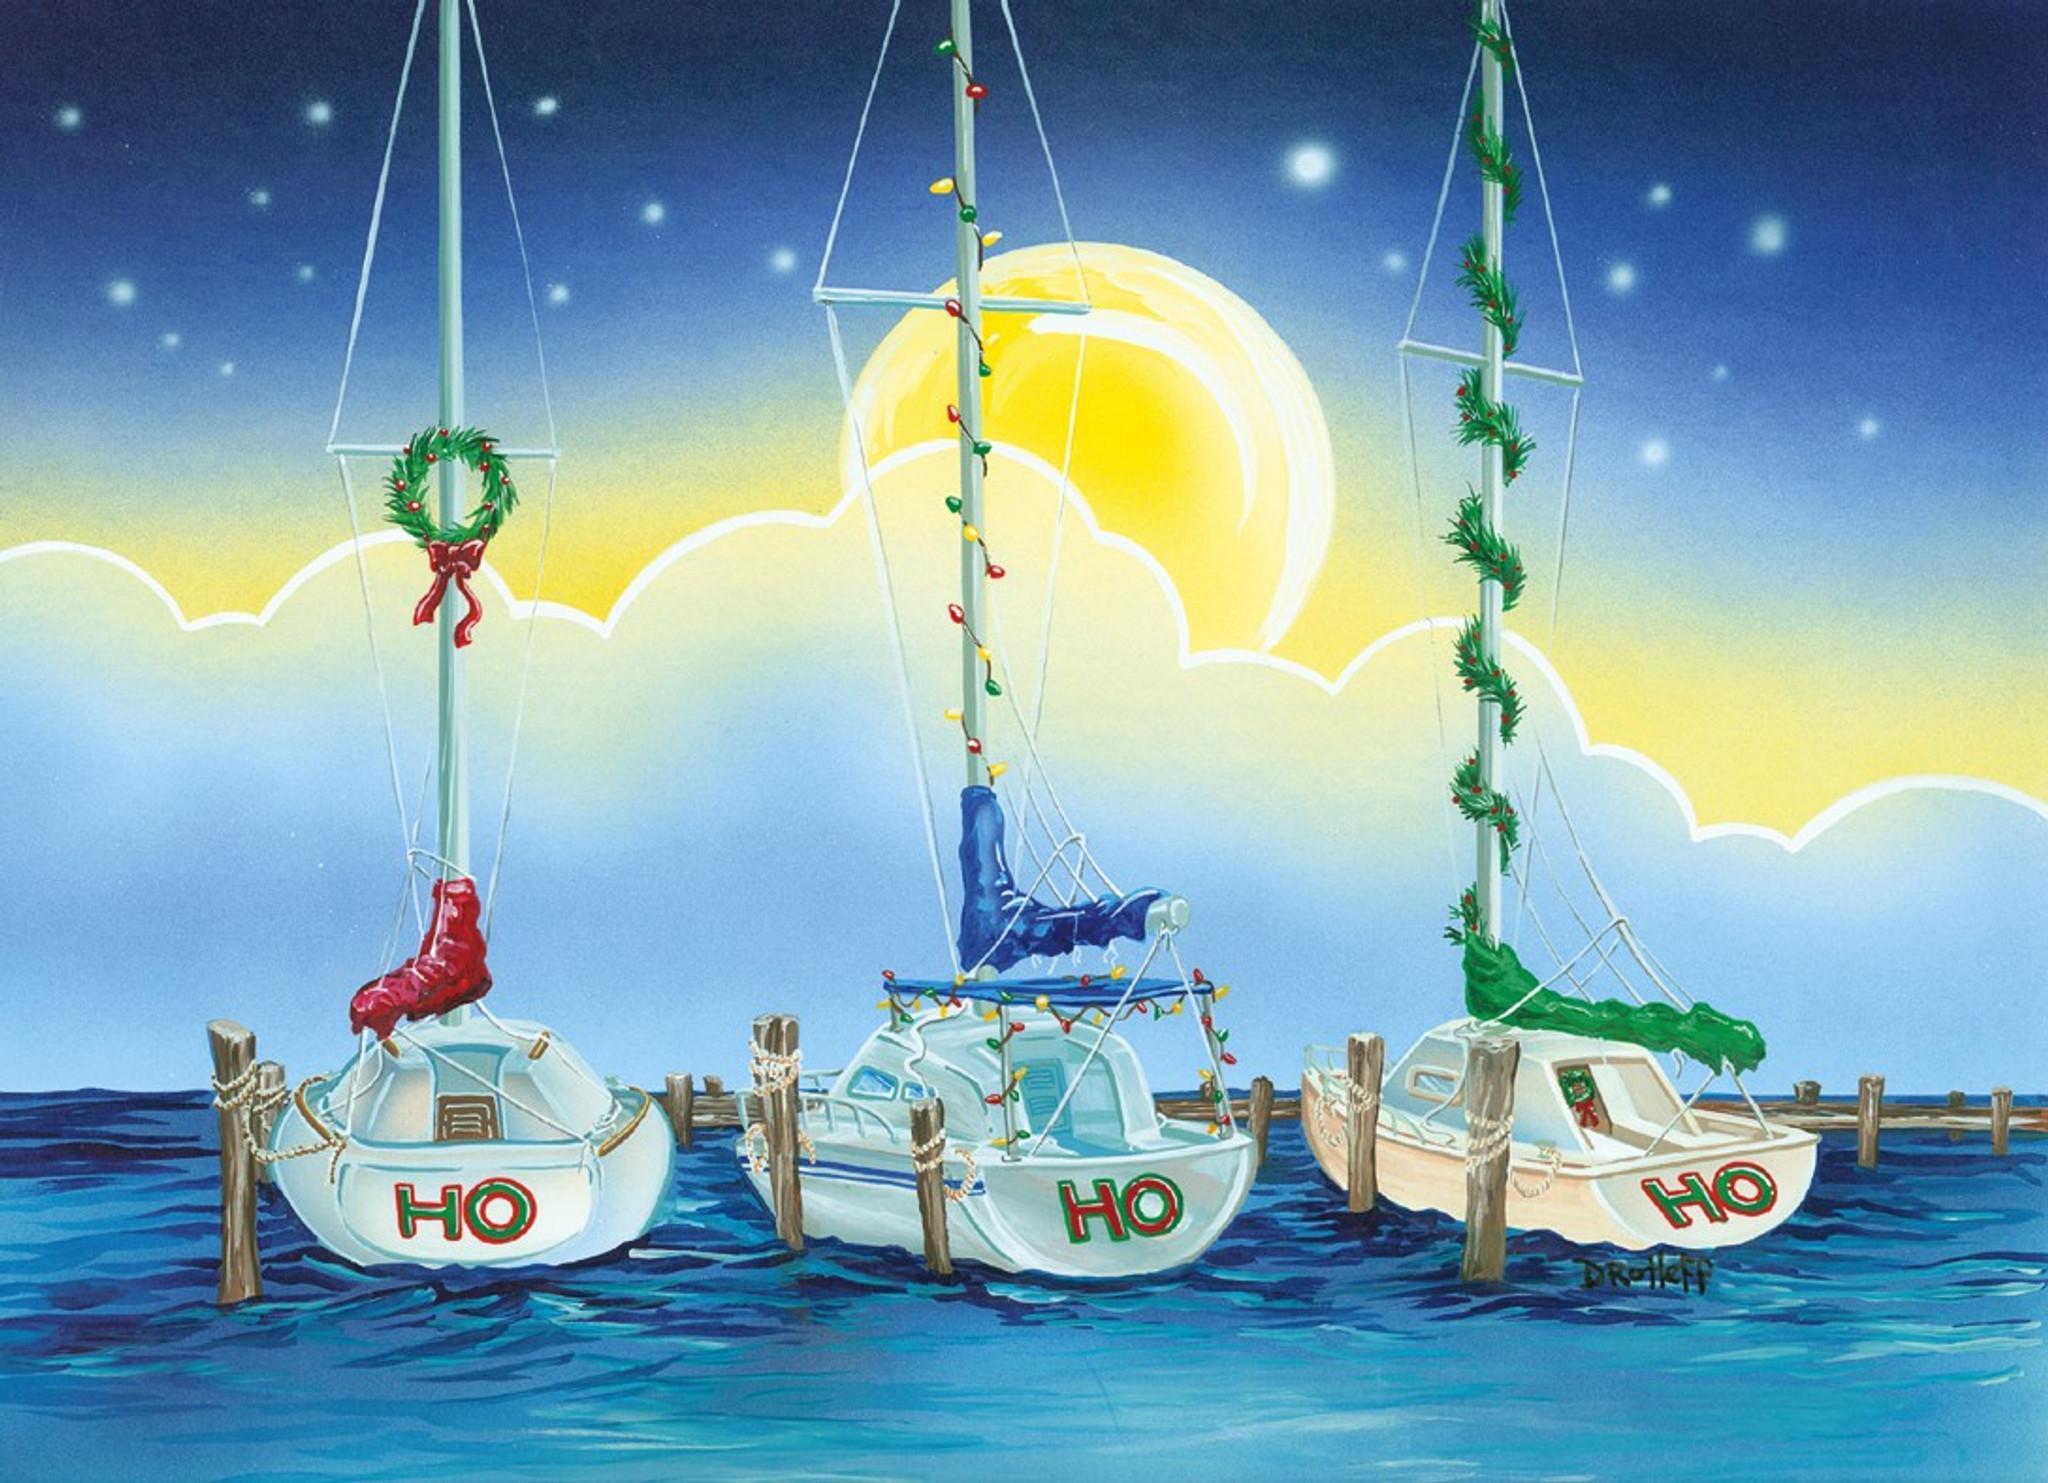 HoHoHo Boats Holiday Cards - Coastal Christmas Stationery ...